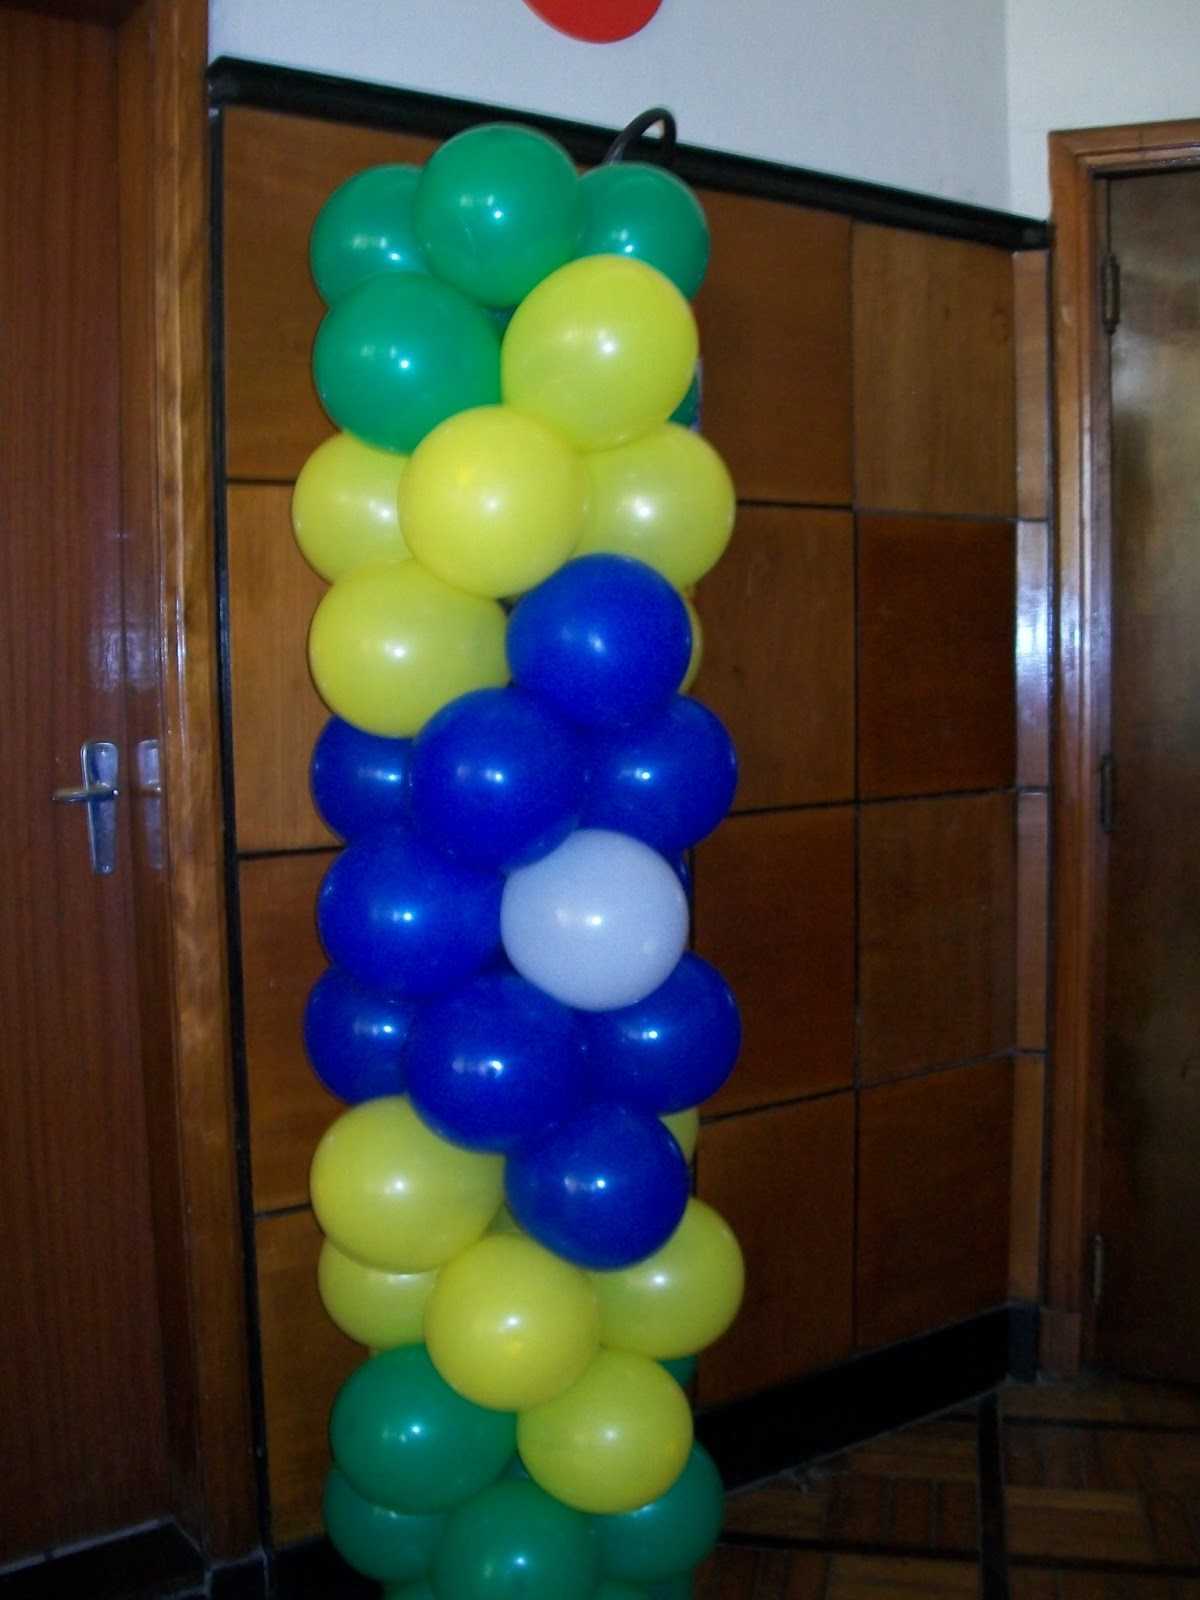 curso decoracao de interiores belo horizonte:de Brinquedos: Curso de Decoração com Balões em Belo Horizonte